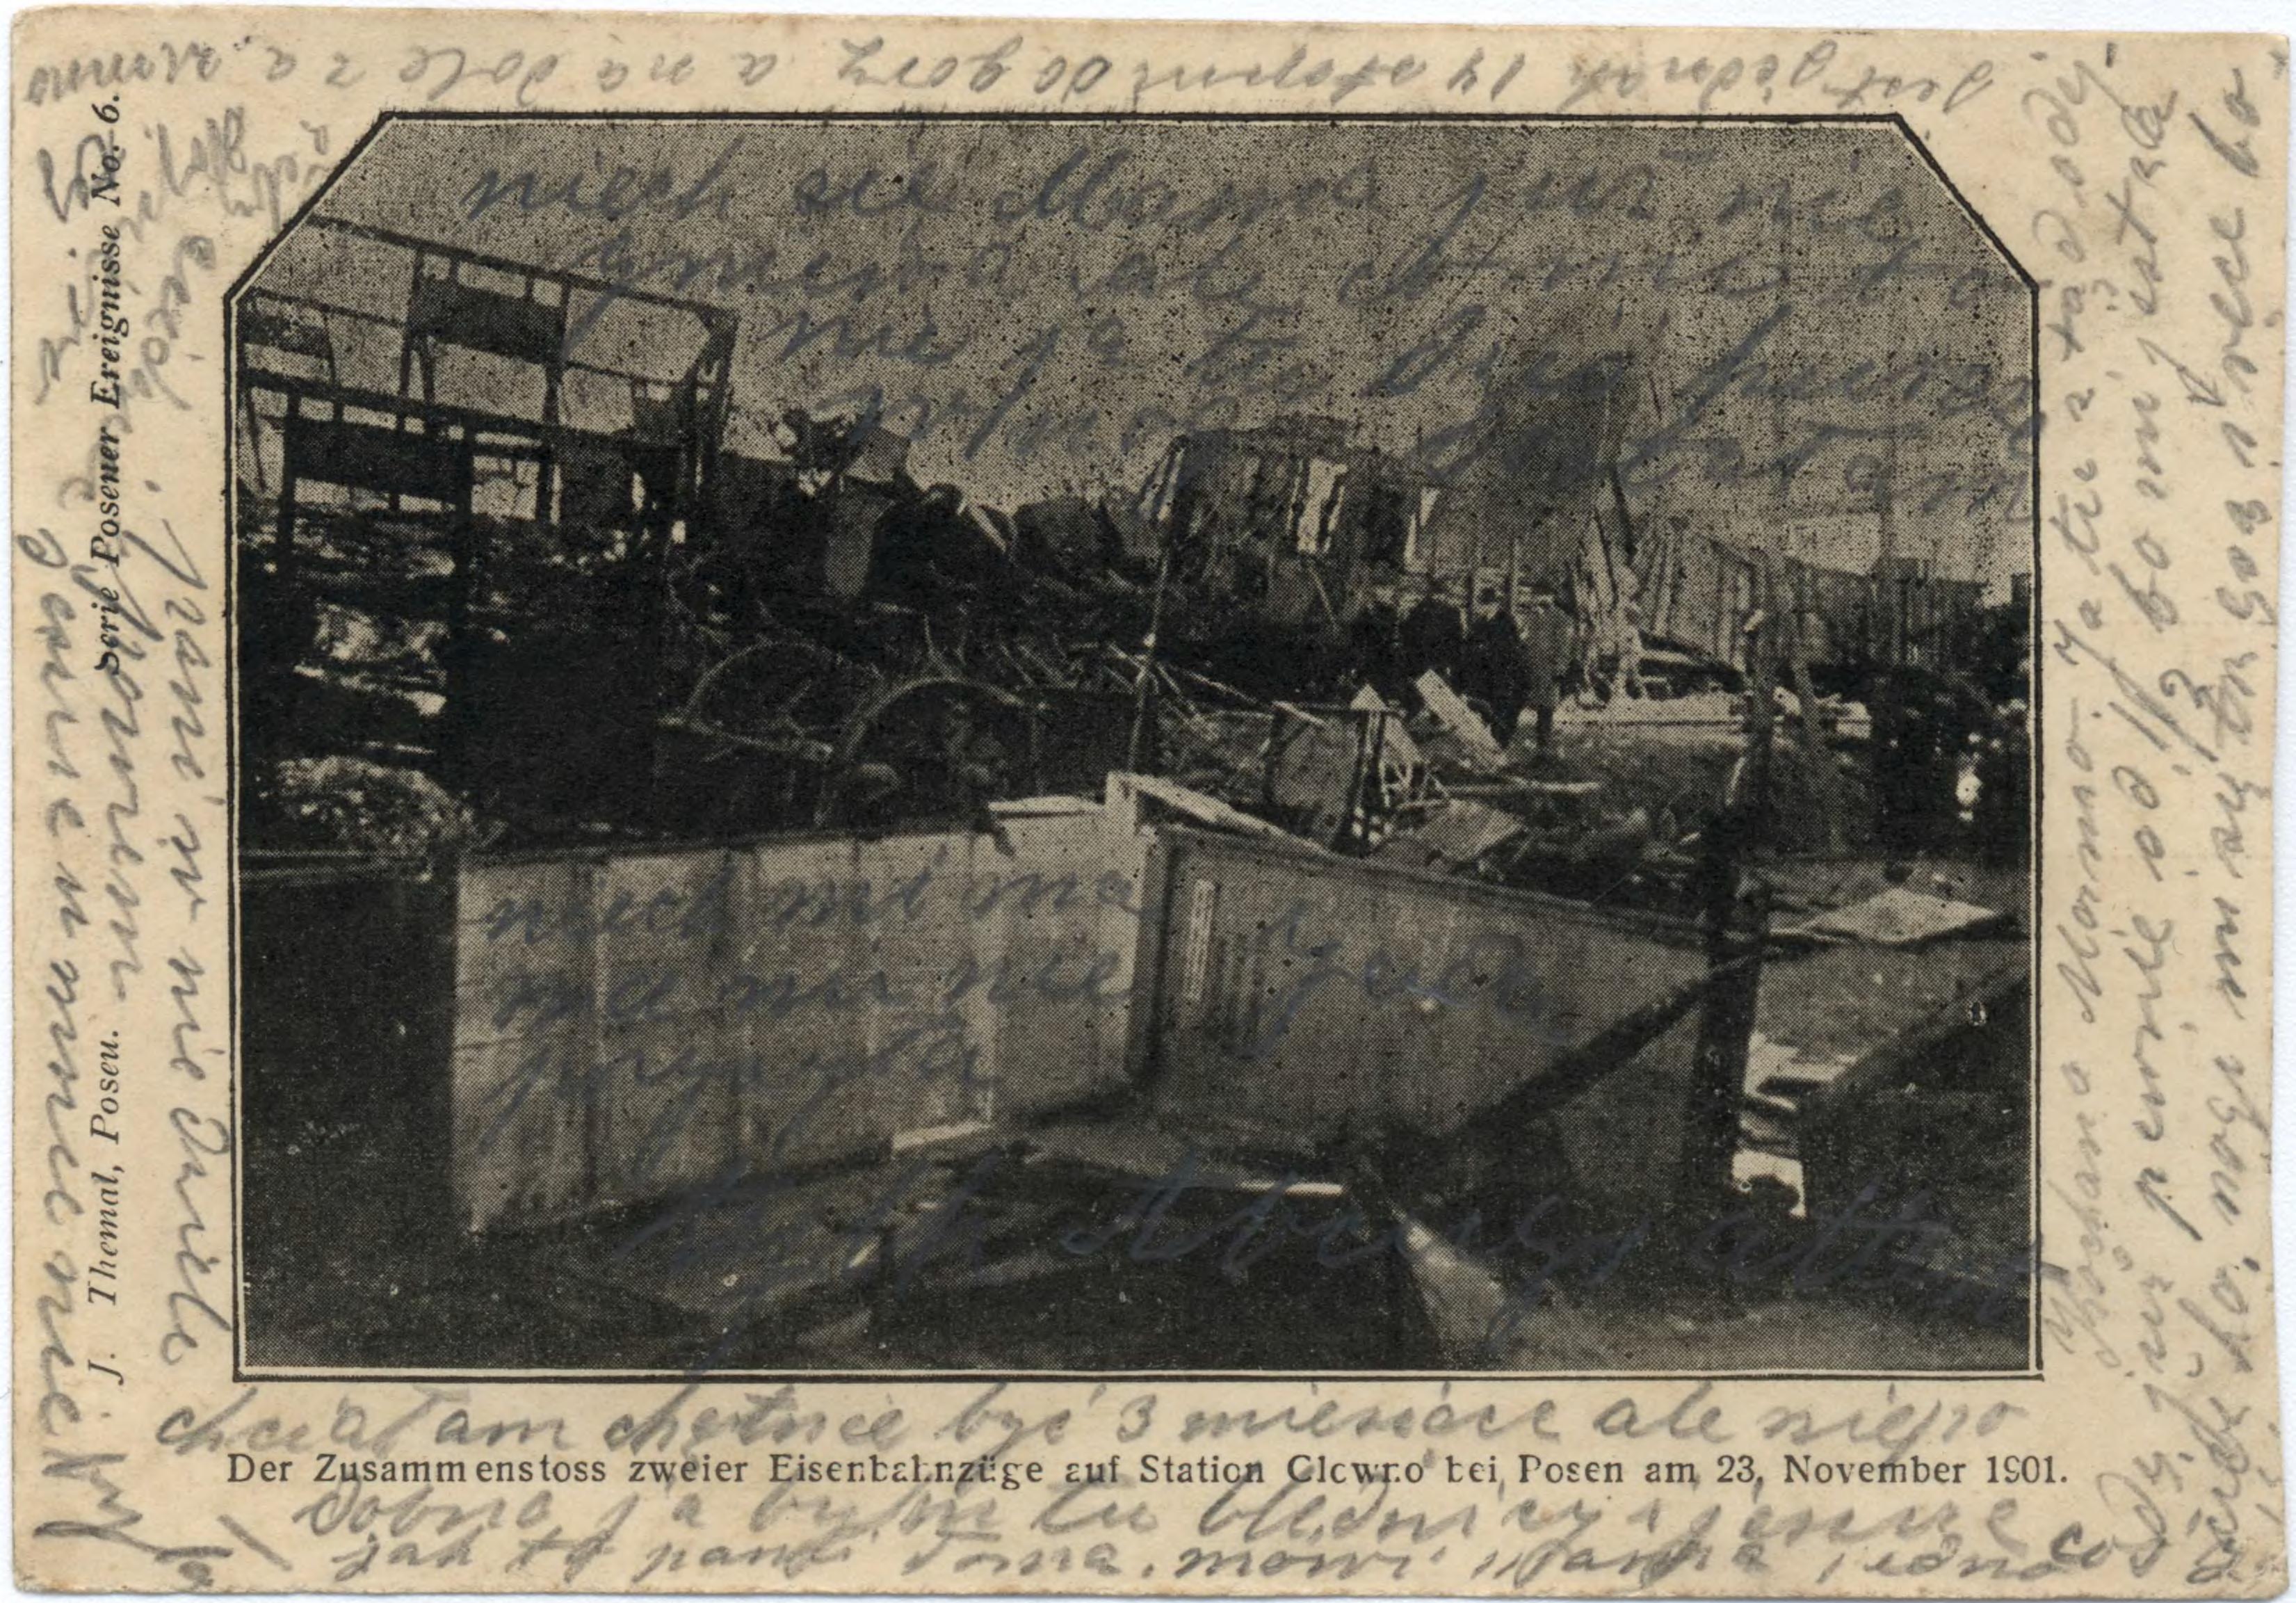 Dworzec kolejowy Glowno (dziś Poznań Wschód) – katastrofa kolejowa. Pocztówka z ok. 1901 roku